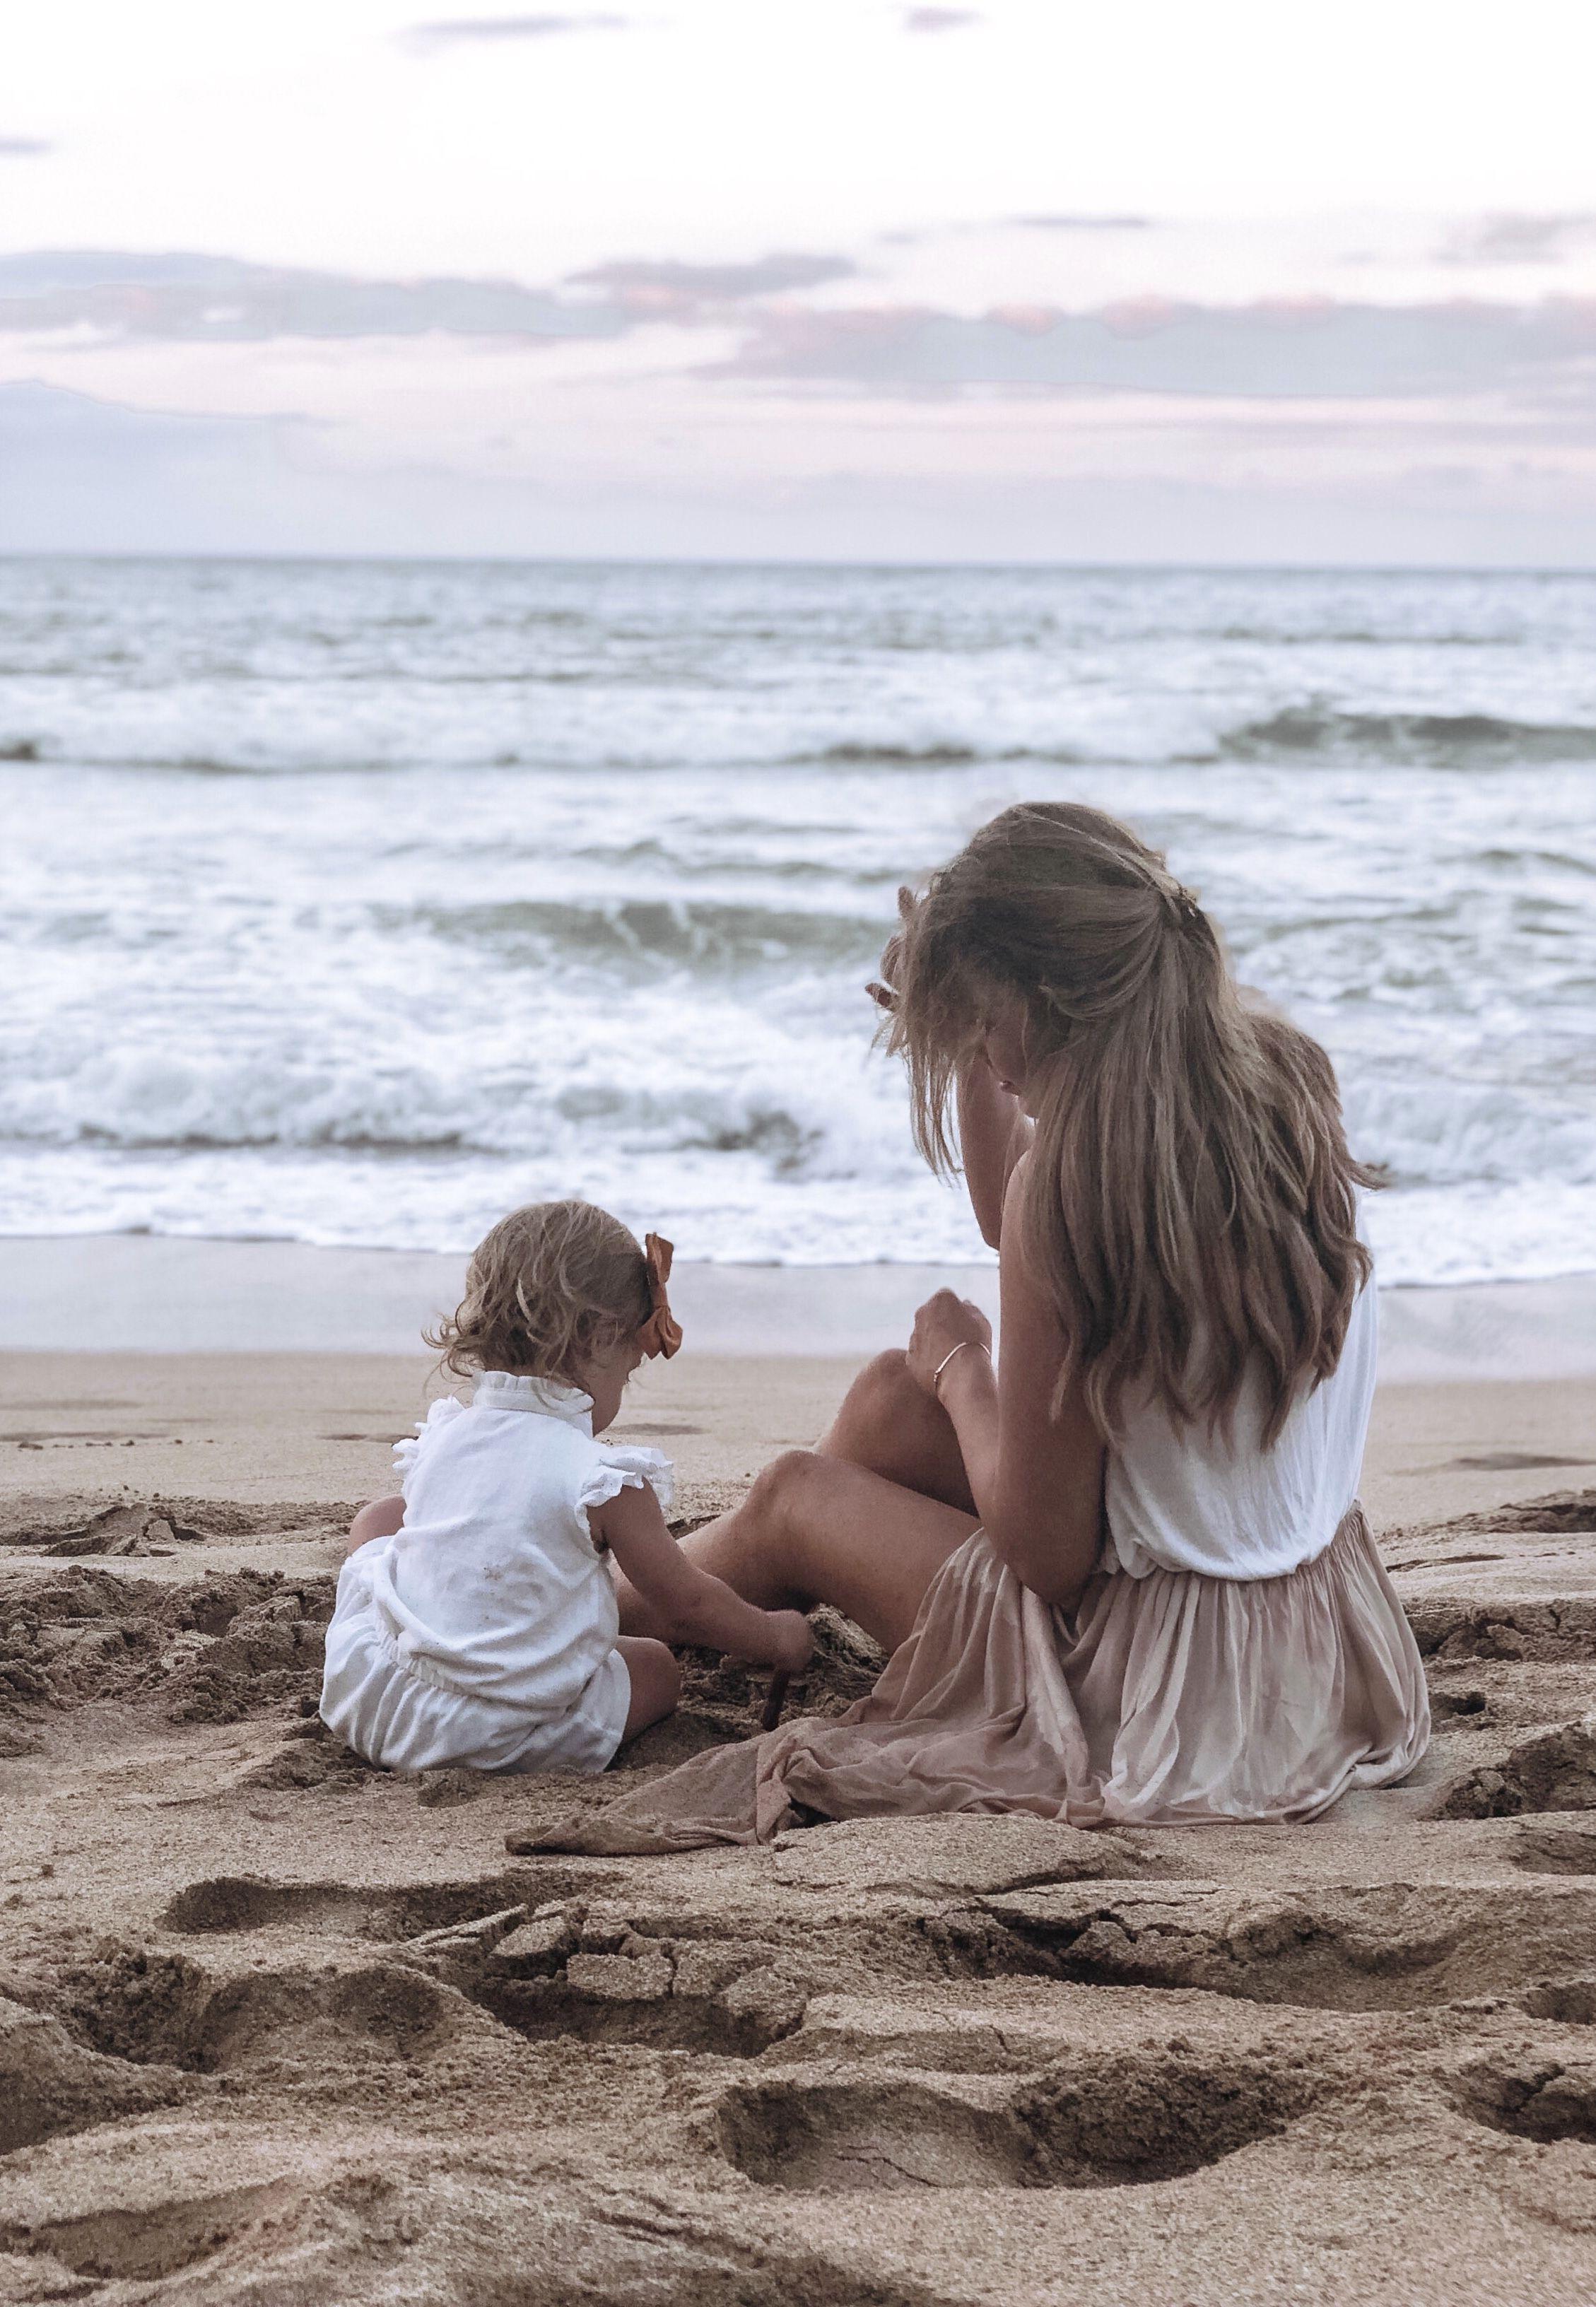 #motherhood #beach #babyphotography #familyphotography #hawaii #maui #mauiphotography #motherdaughte...